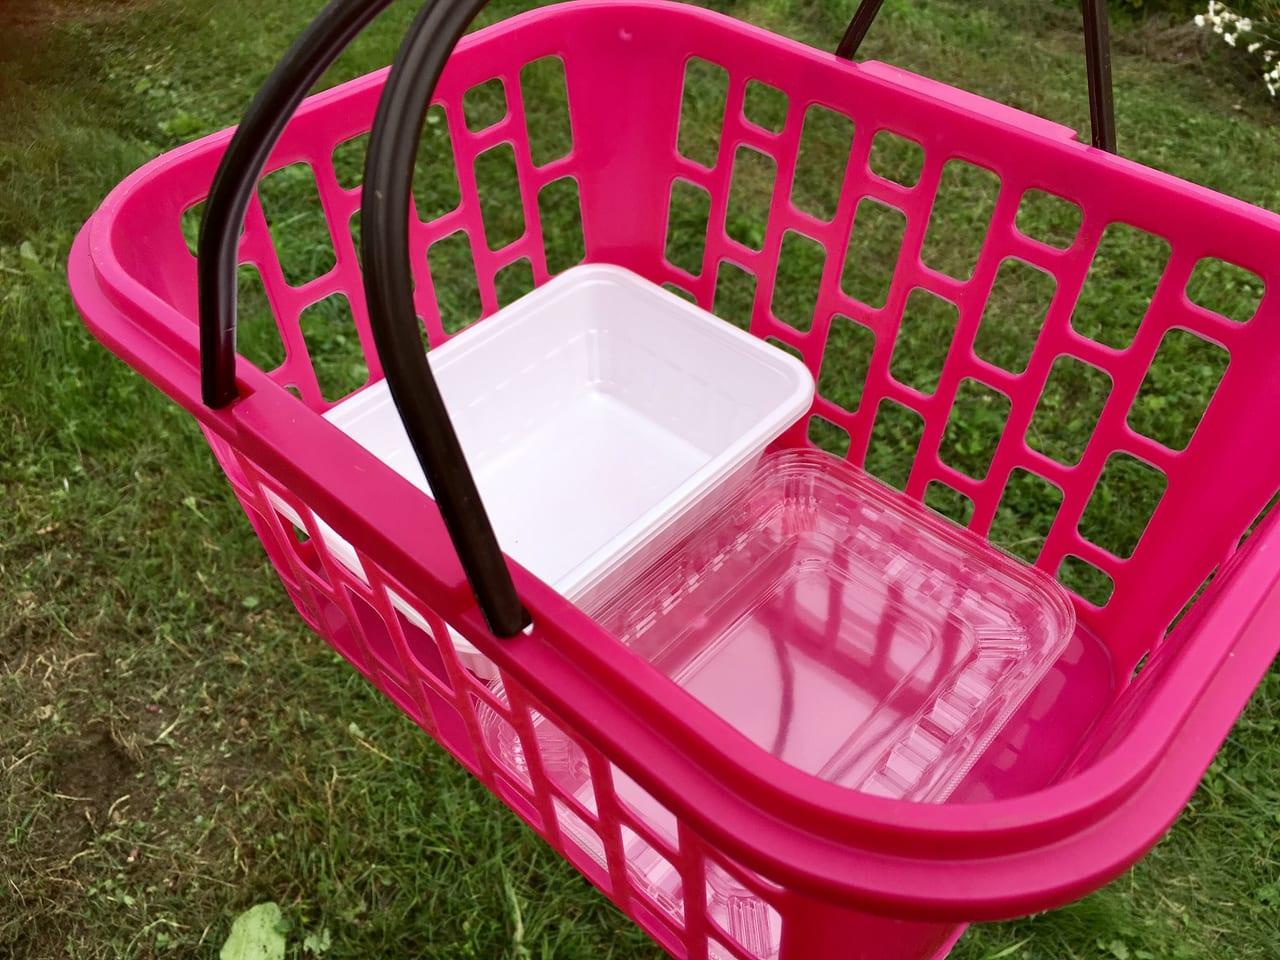 ハスカップの実を入れるための容器